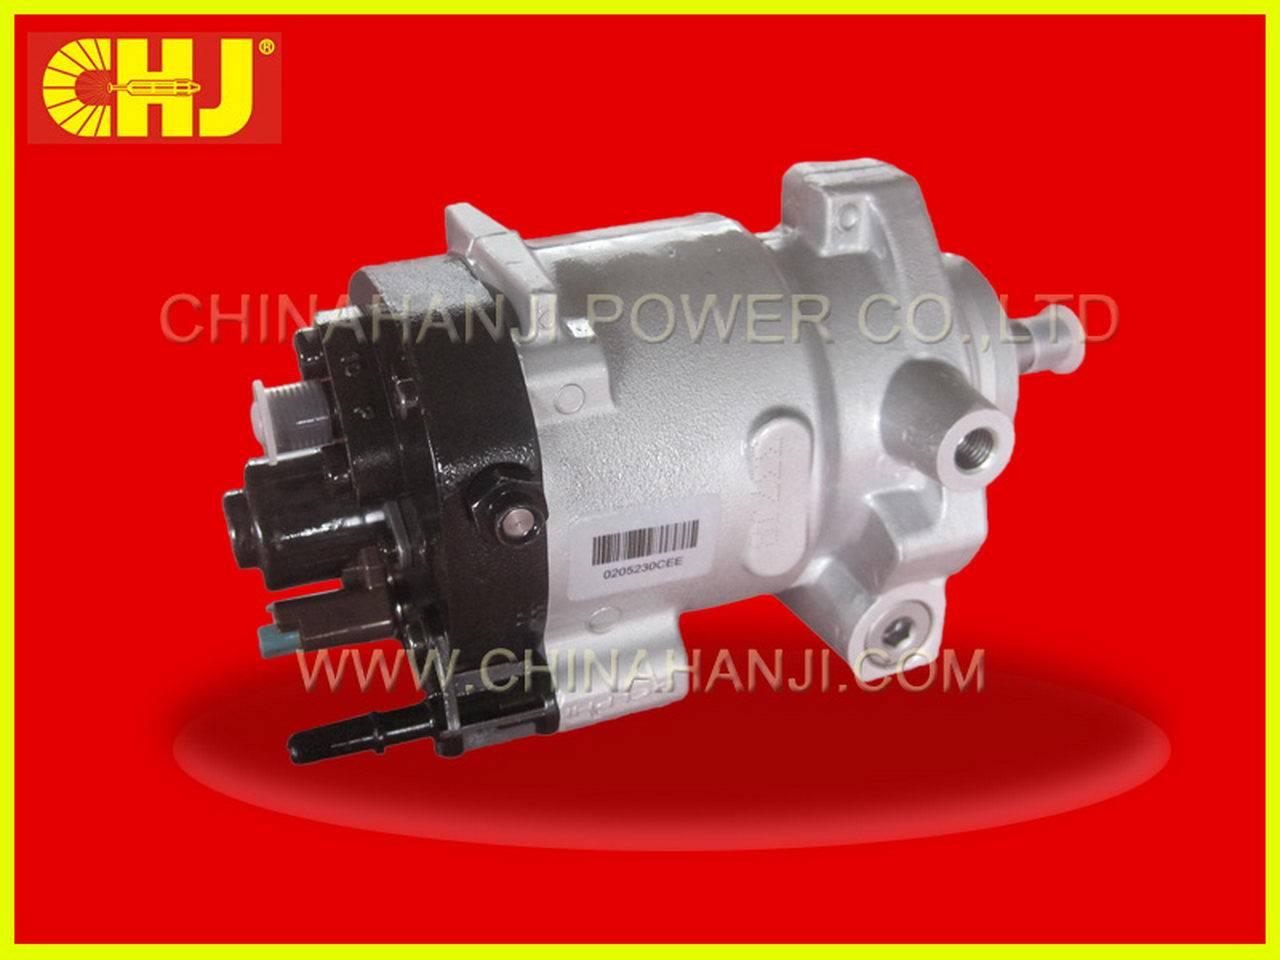 Plunger Barrel 091450-0310 For HP0 Pump